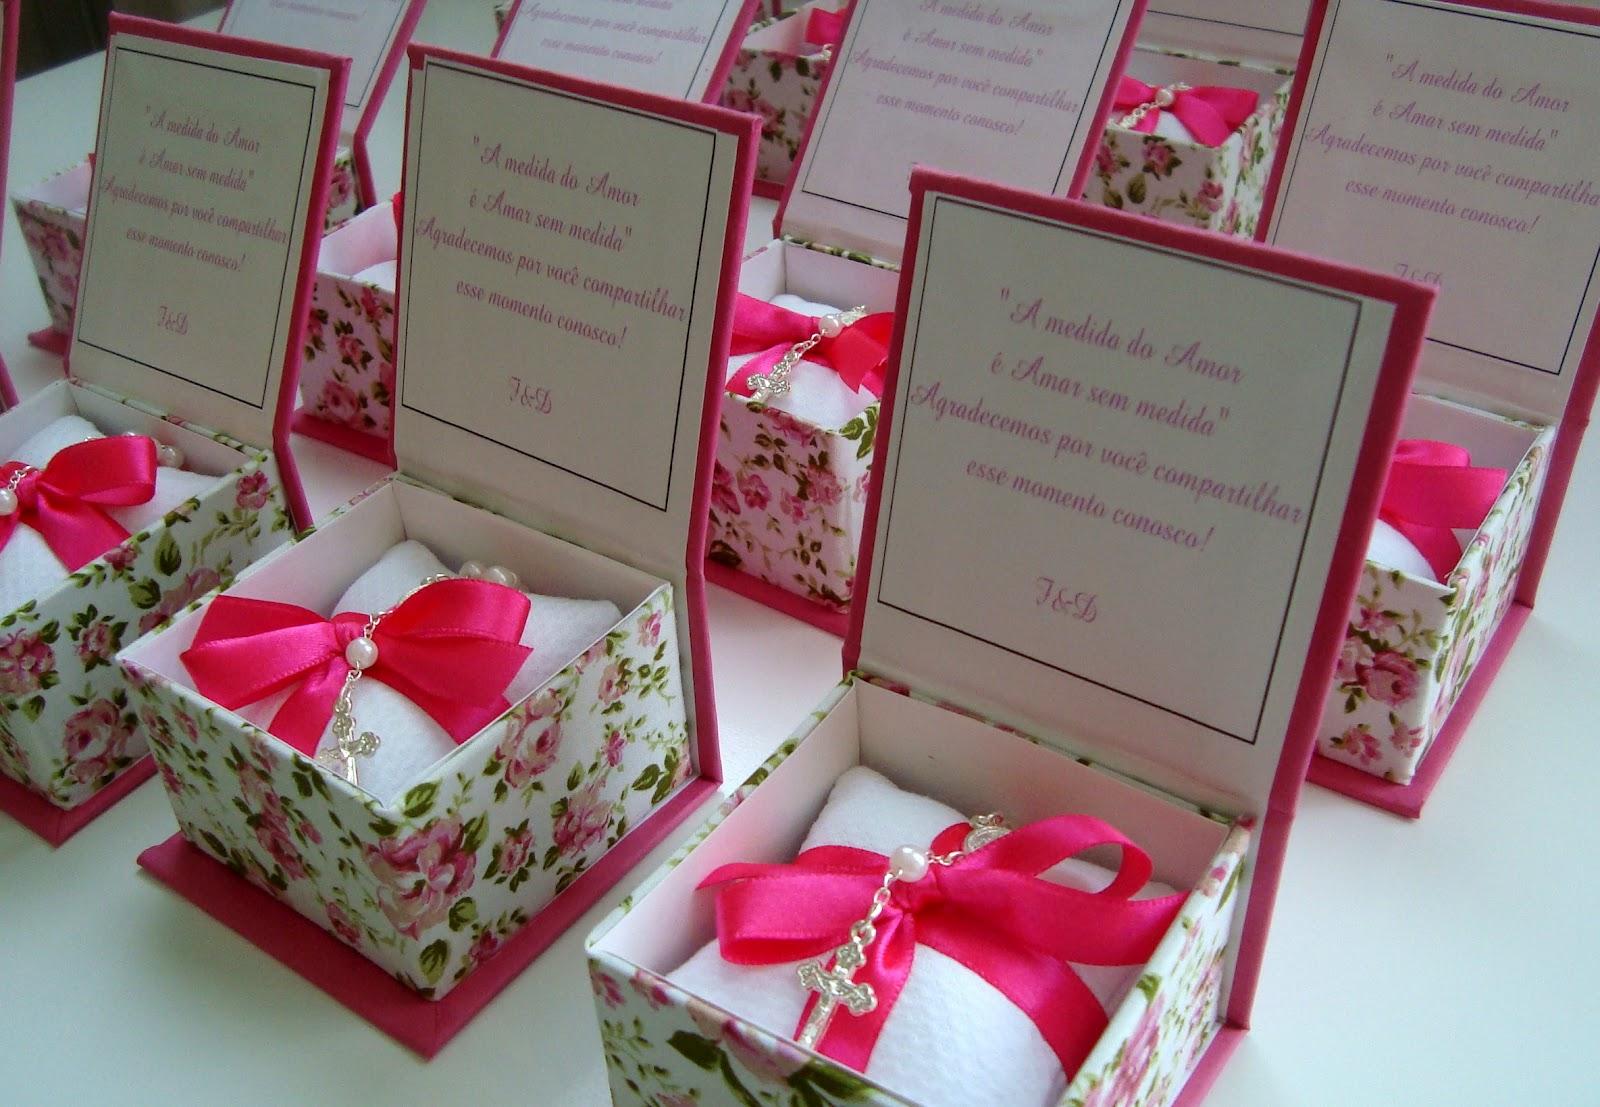 Floral Caixinhas para Lembrancinhas Boutique da Caixa #BC0E38 1600x1107